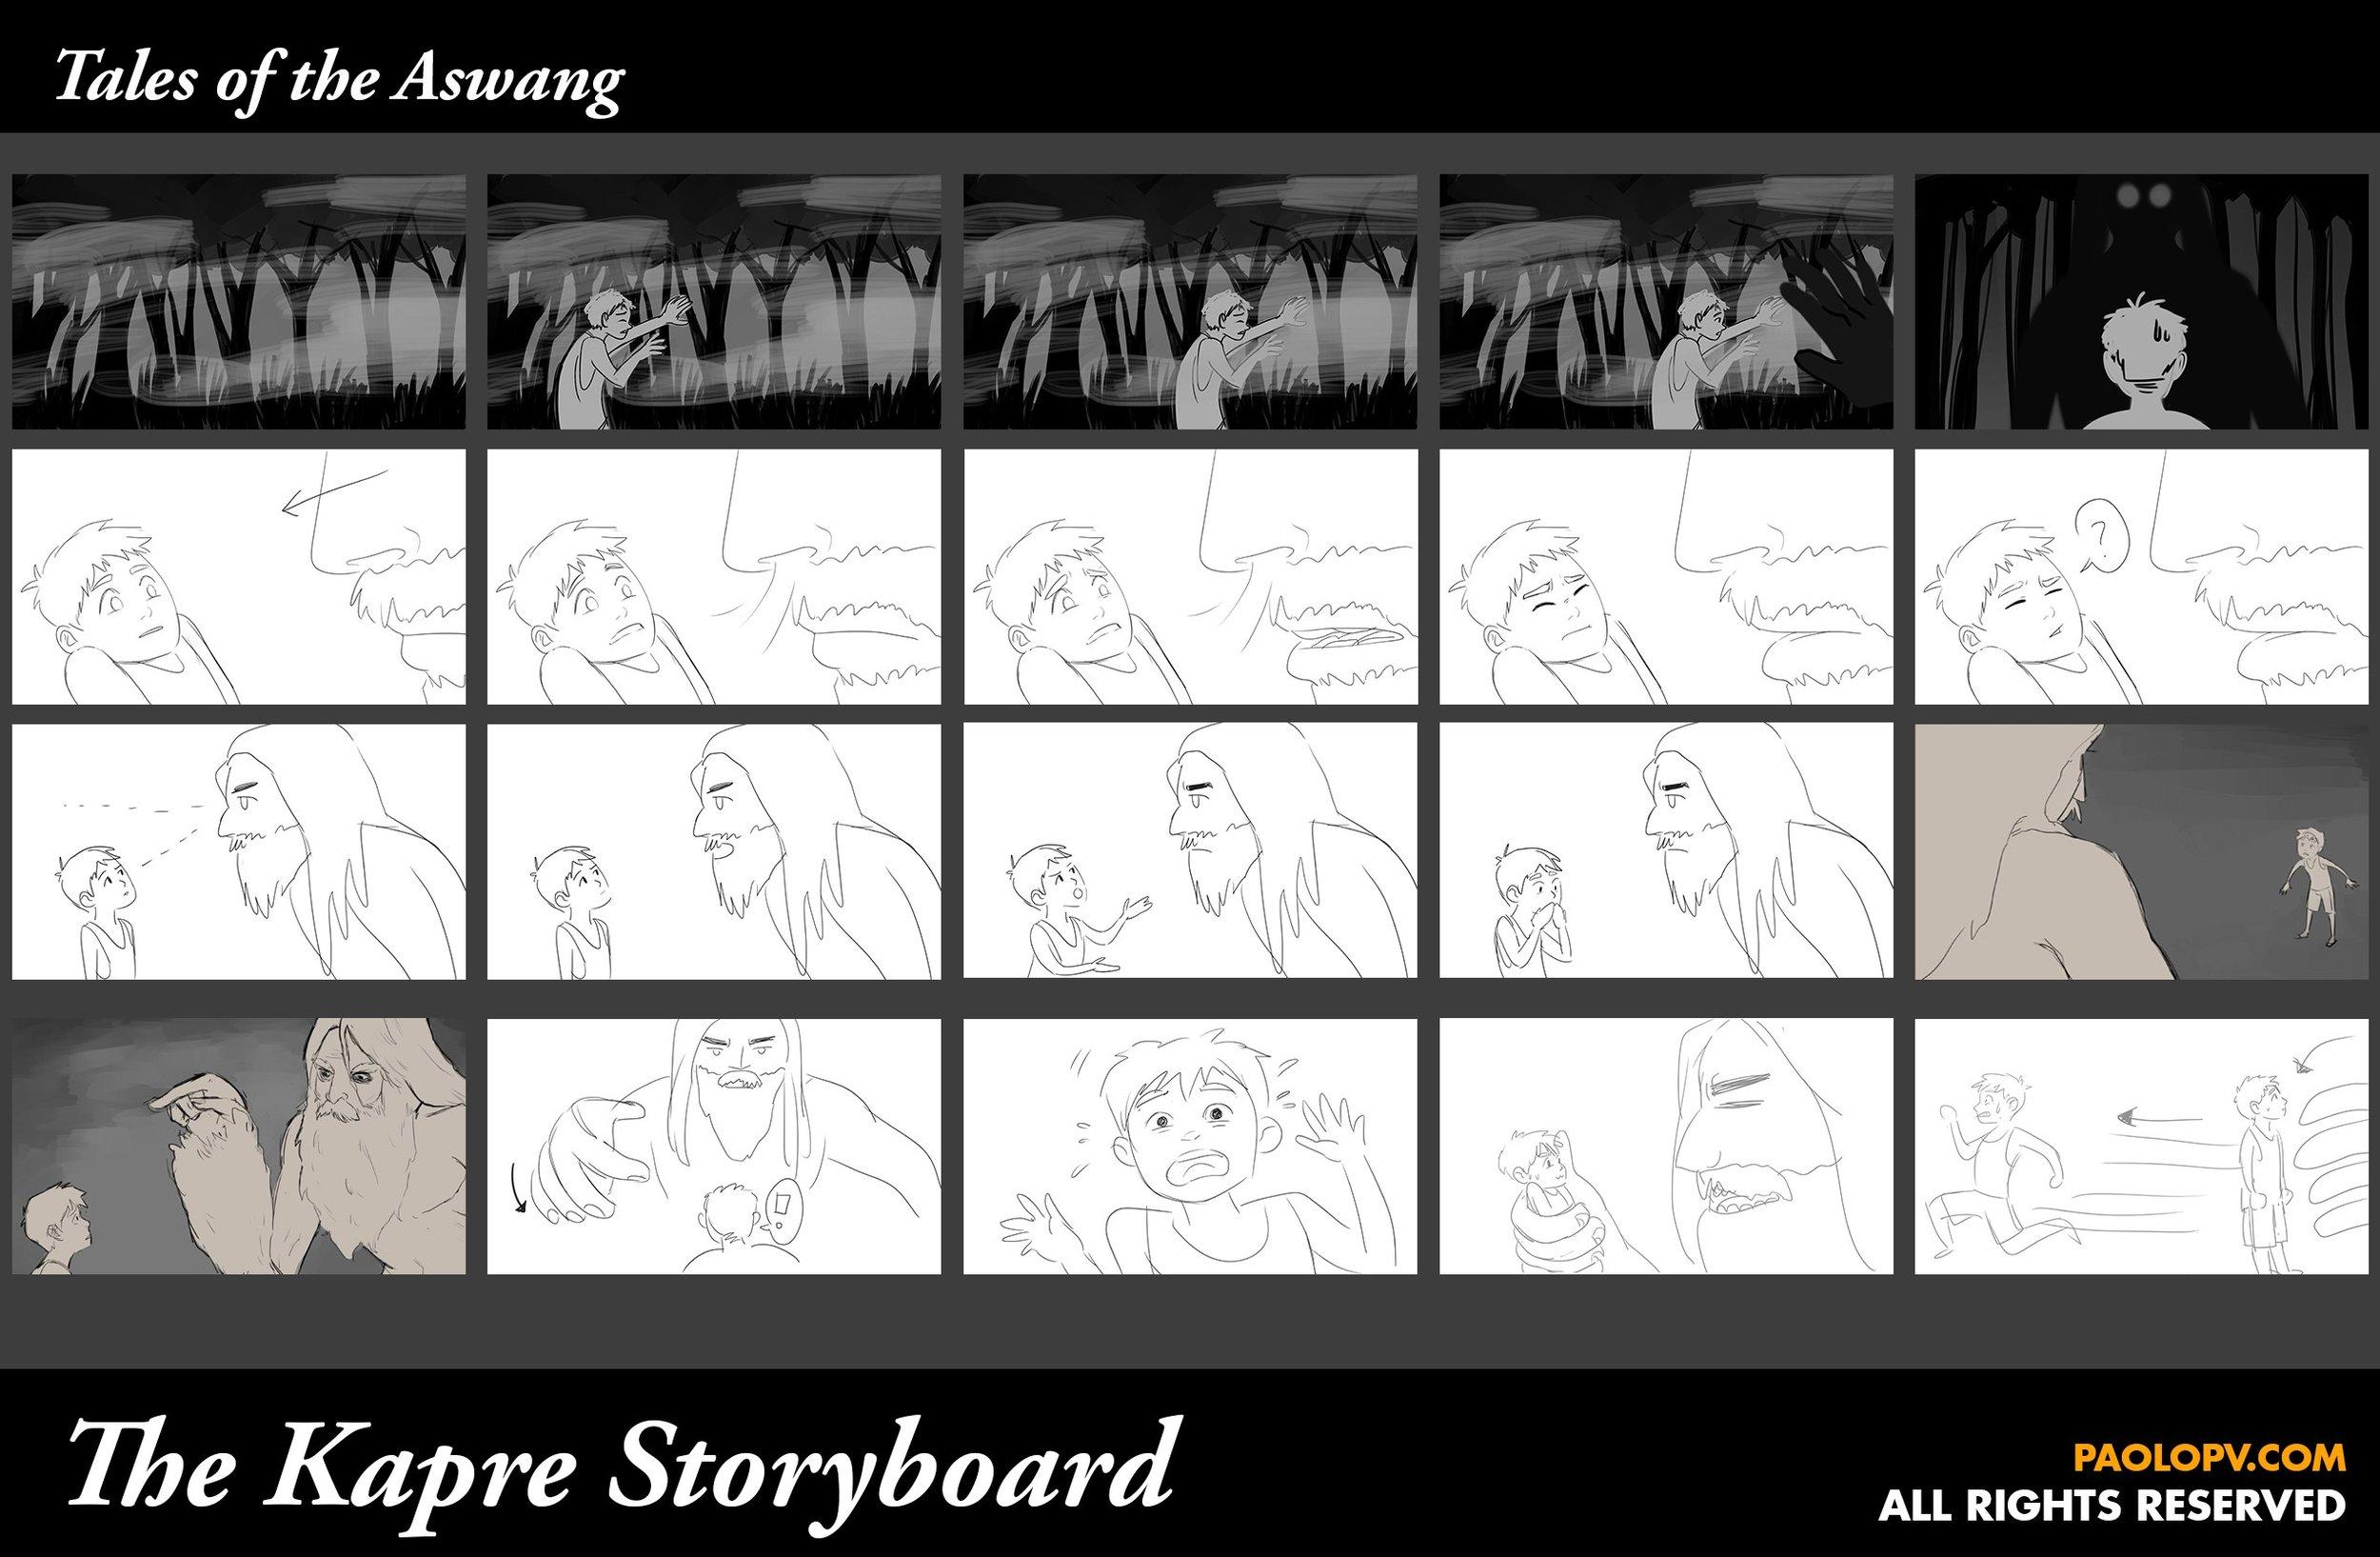 Tales-of-the-Aswang-Storyboard-Kapre.jpg